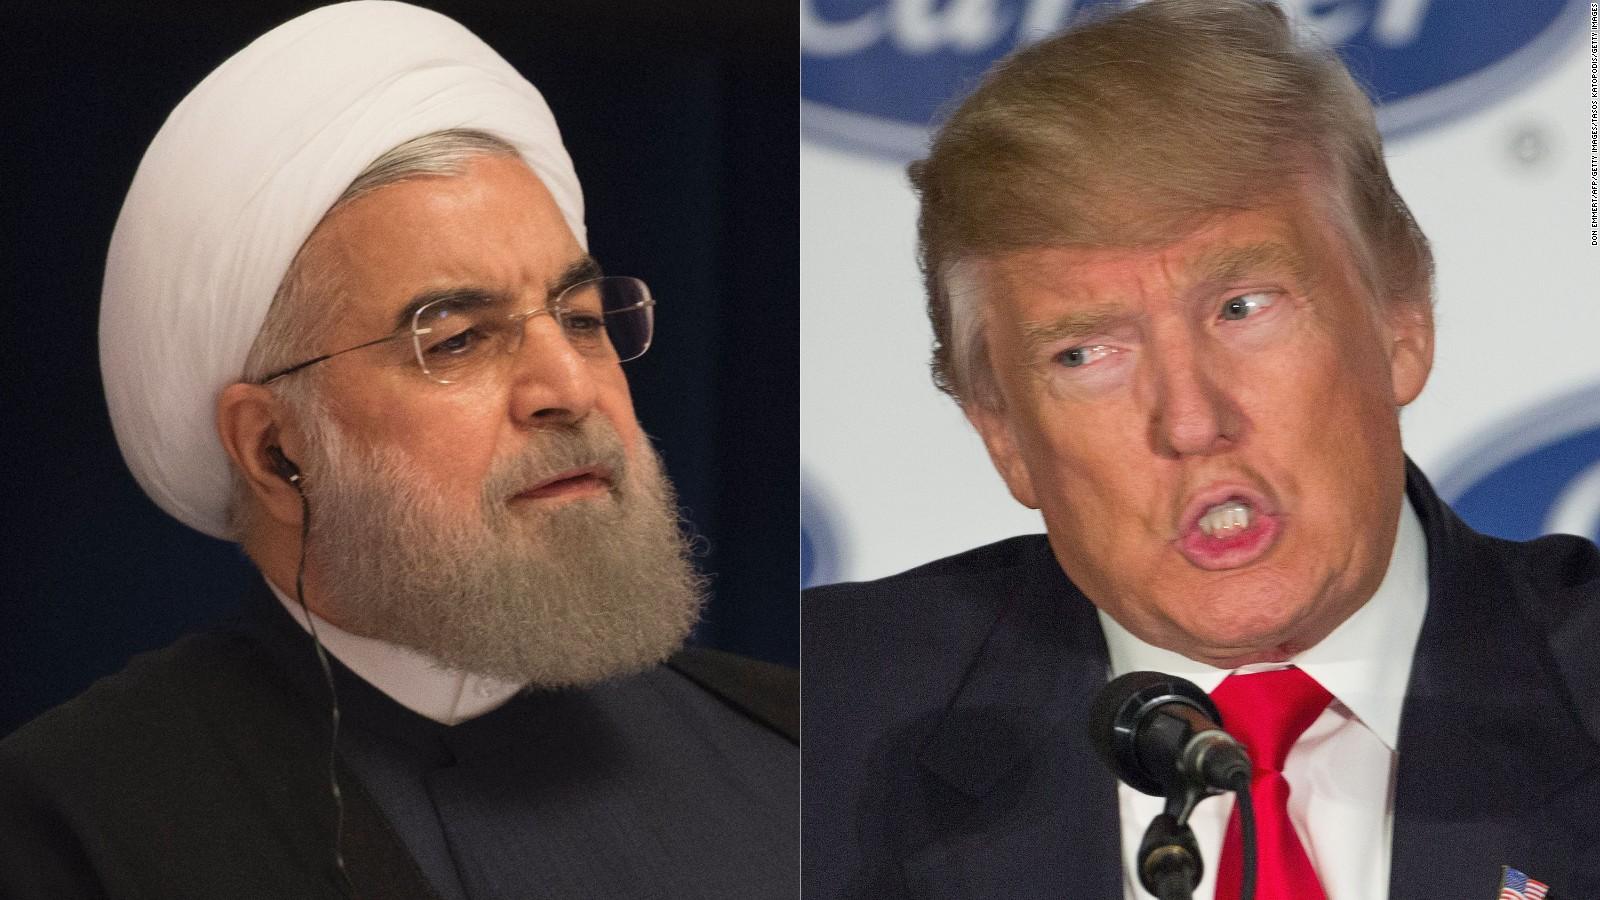 Imagini pentru TRUMP,IRAN,POZE